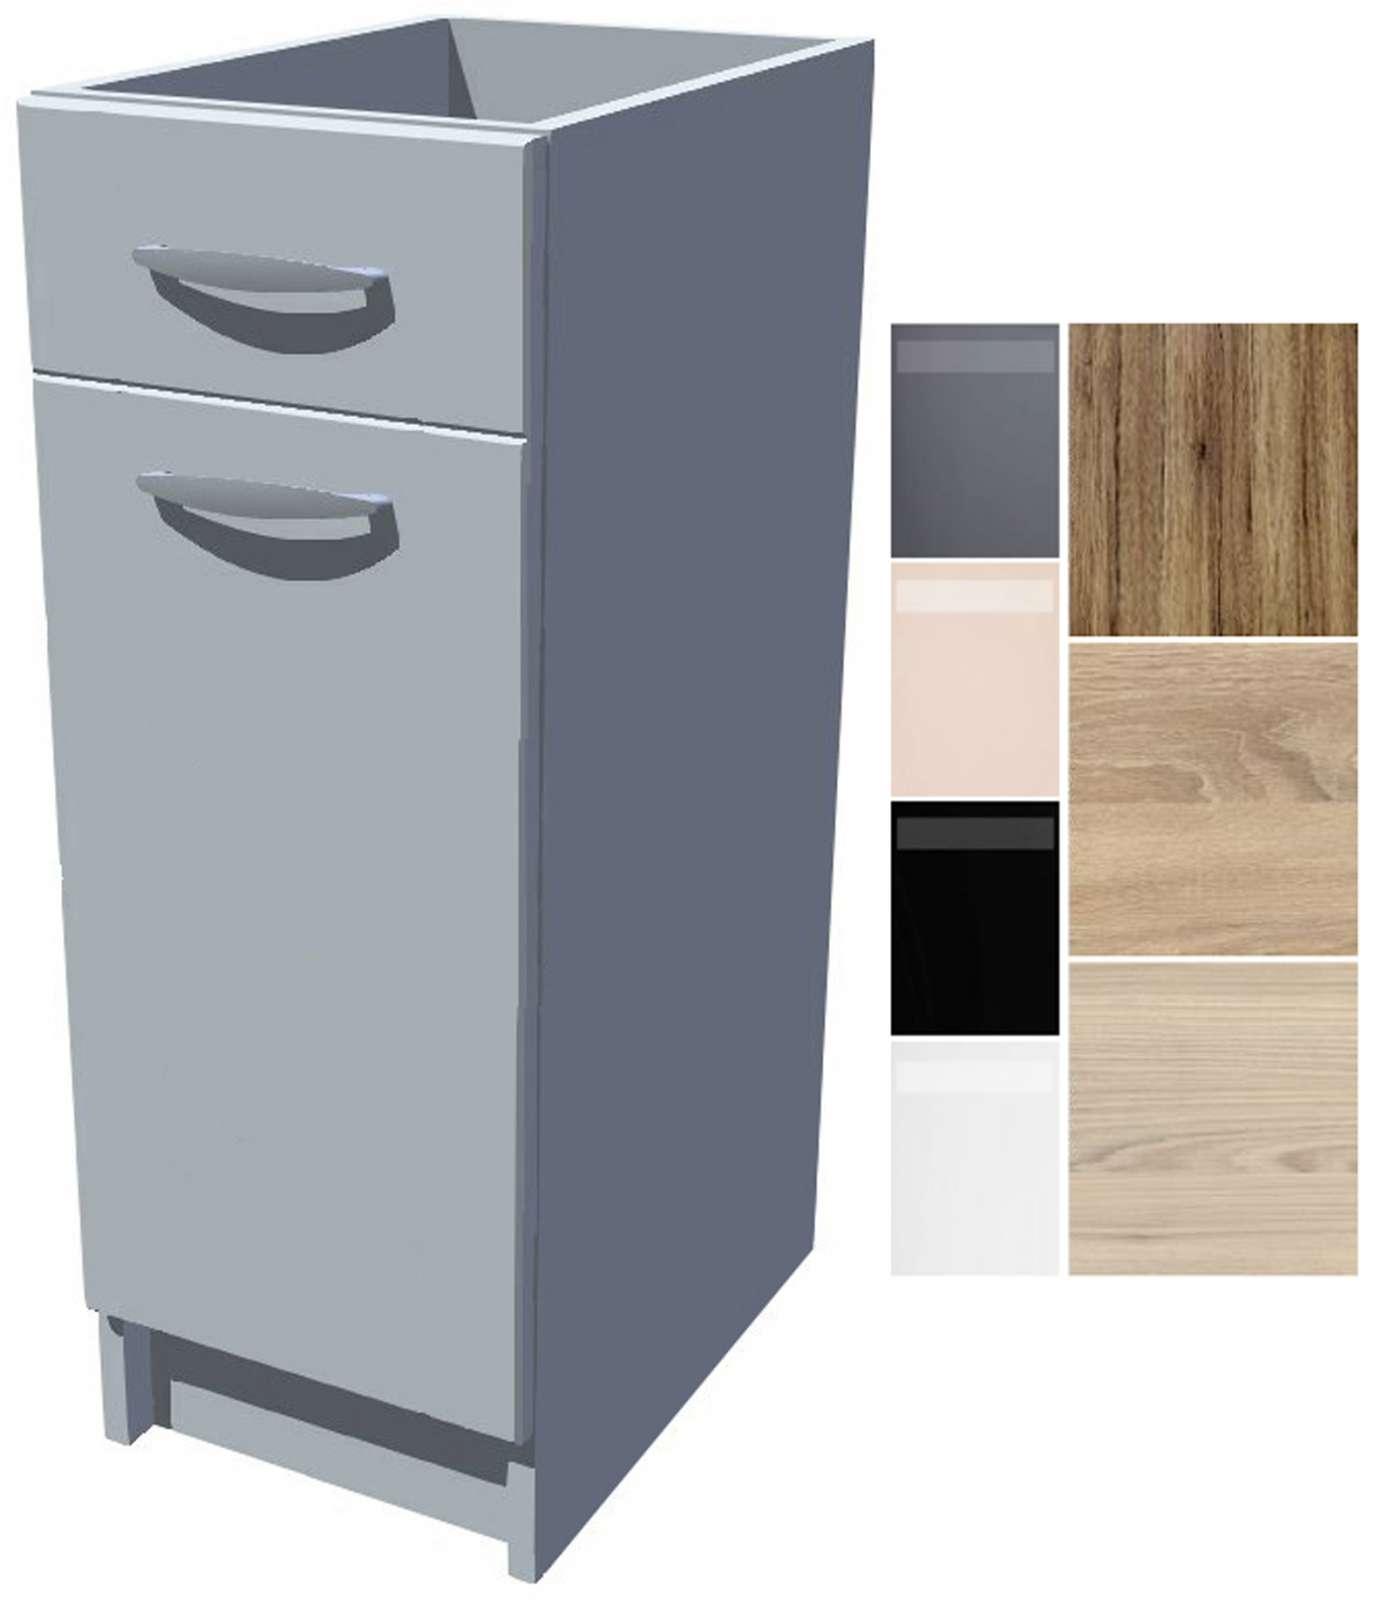 Spodní kuchyňská skříňka Iga 30 cm s šuplíkem